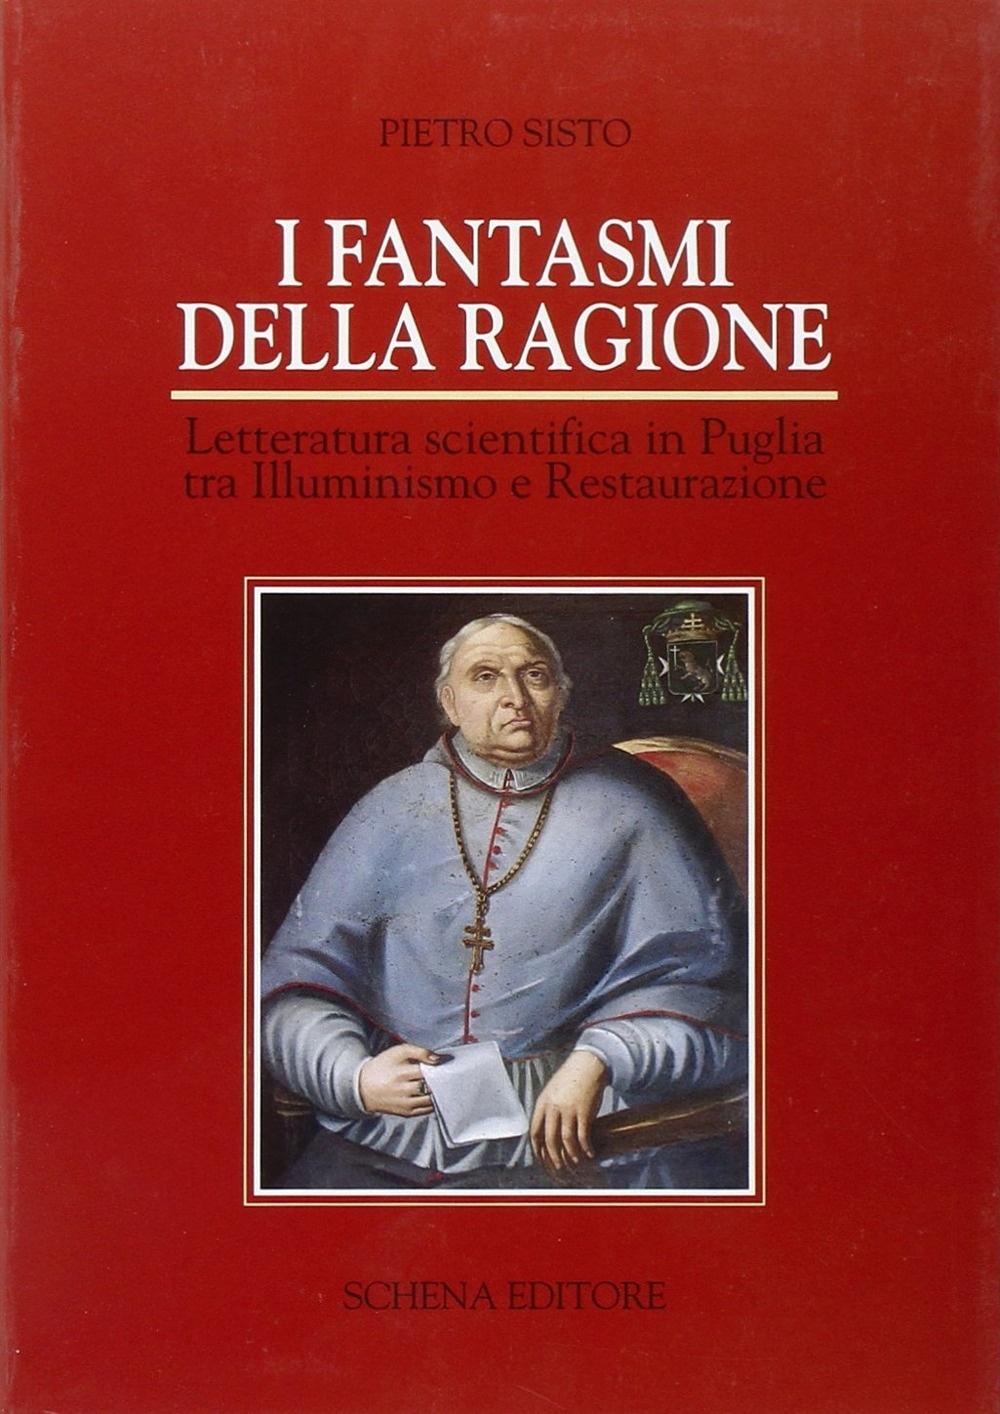 I fantasmi della ragione. Letteratura scientifica in Puglia tra illuminismo e Restaurazione.